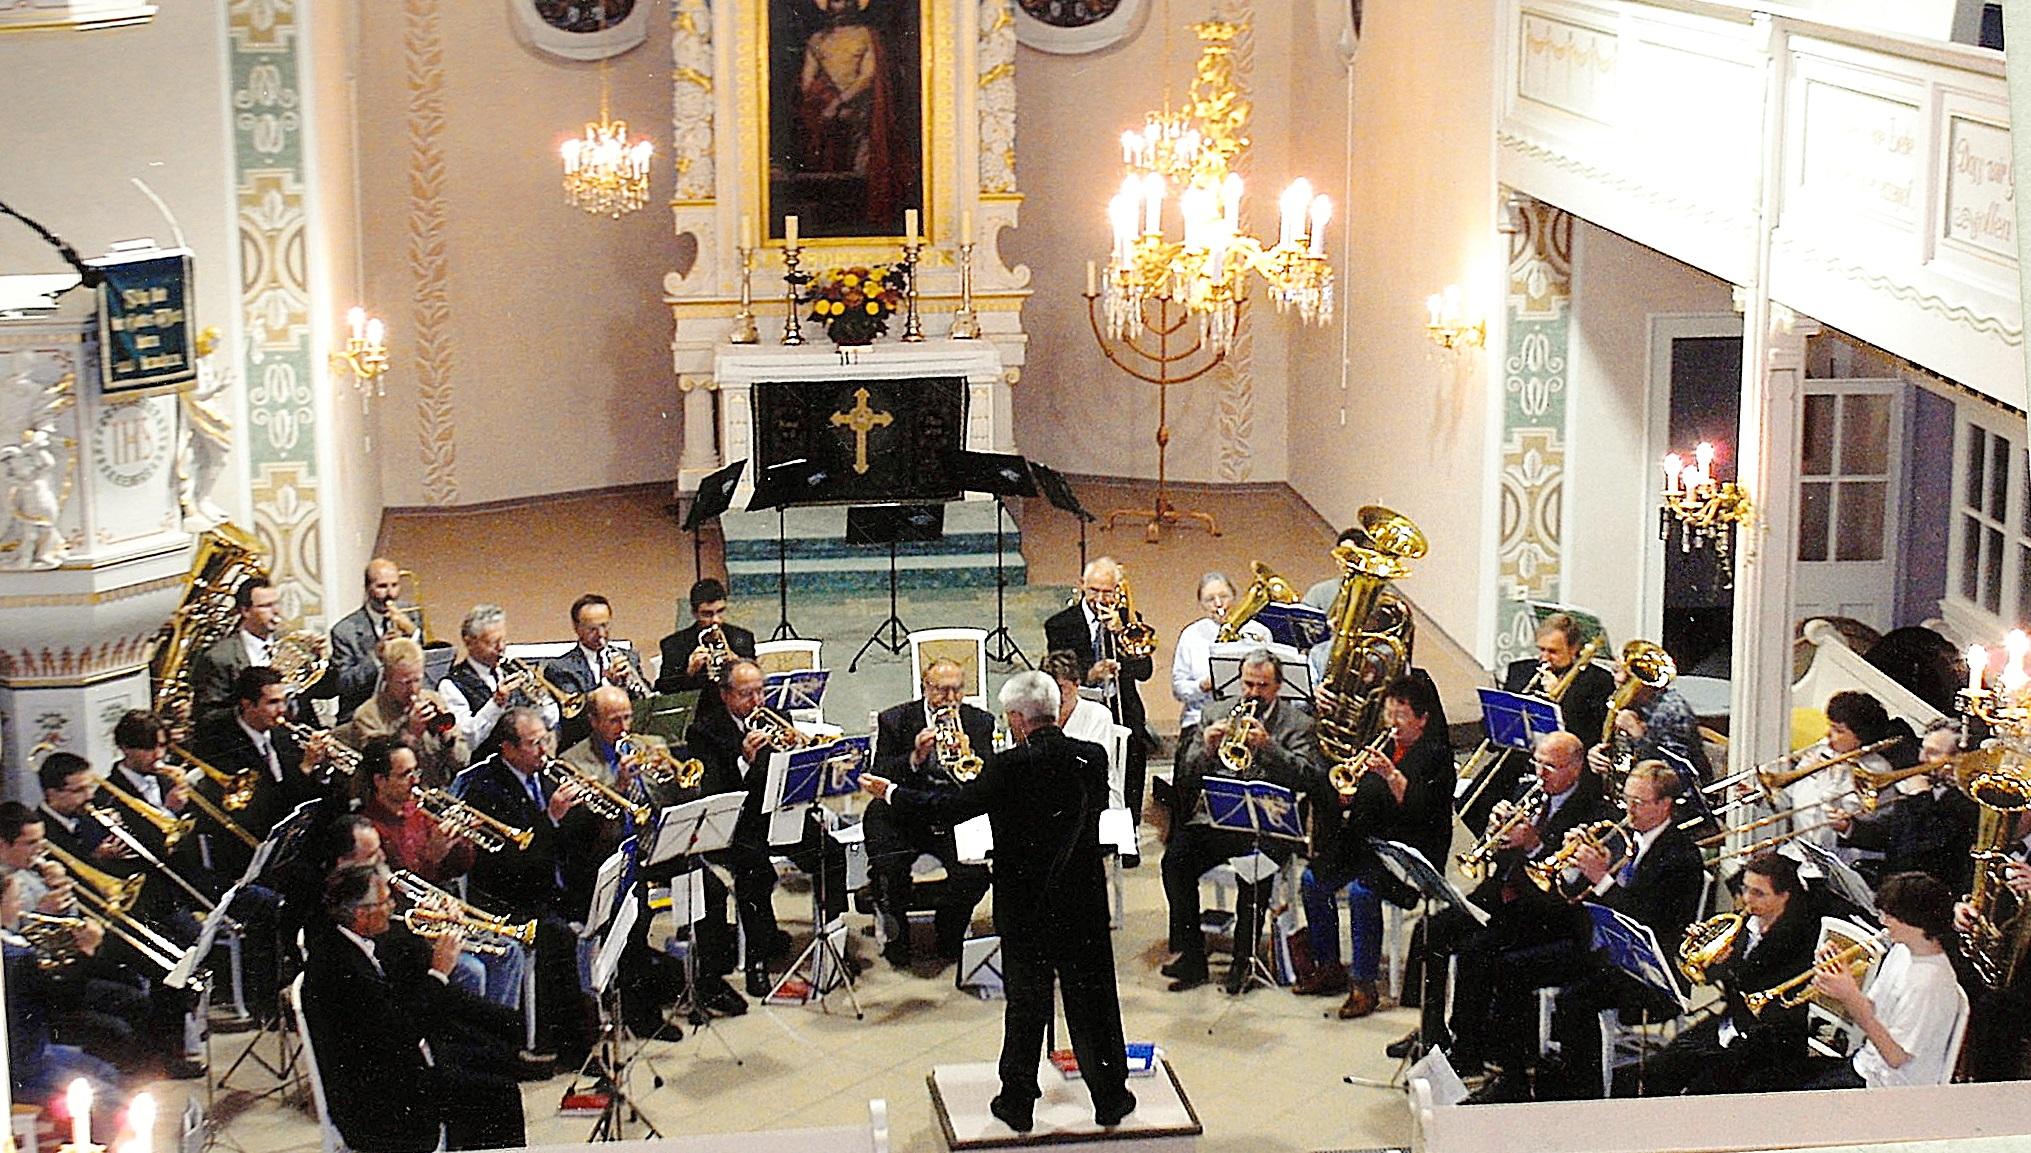 2002: Mitwirkung beim 90-jährigen Posaunenchor-Jubiläum in Hohenstein-Ernstthal